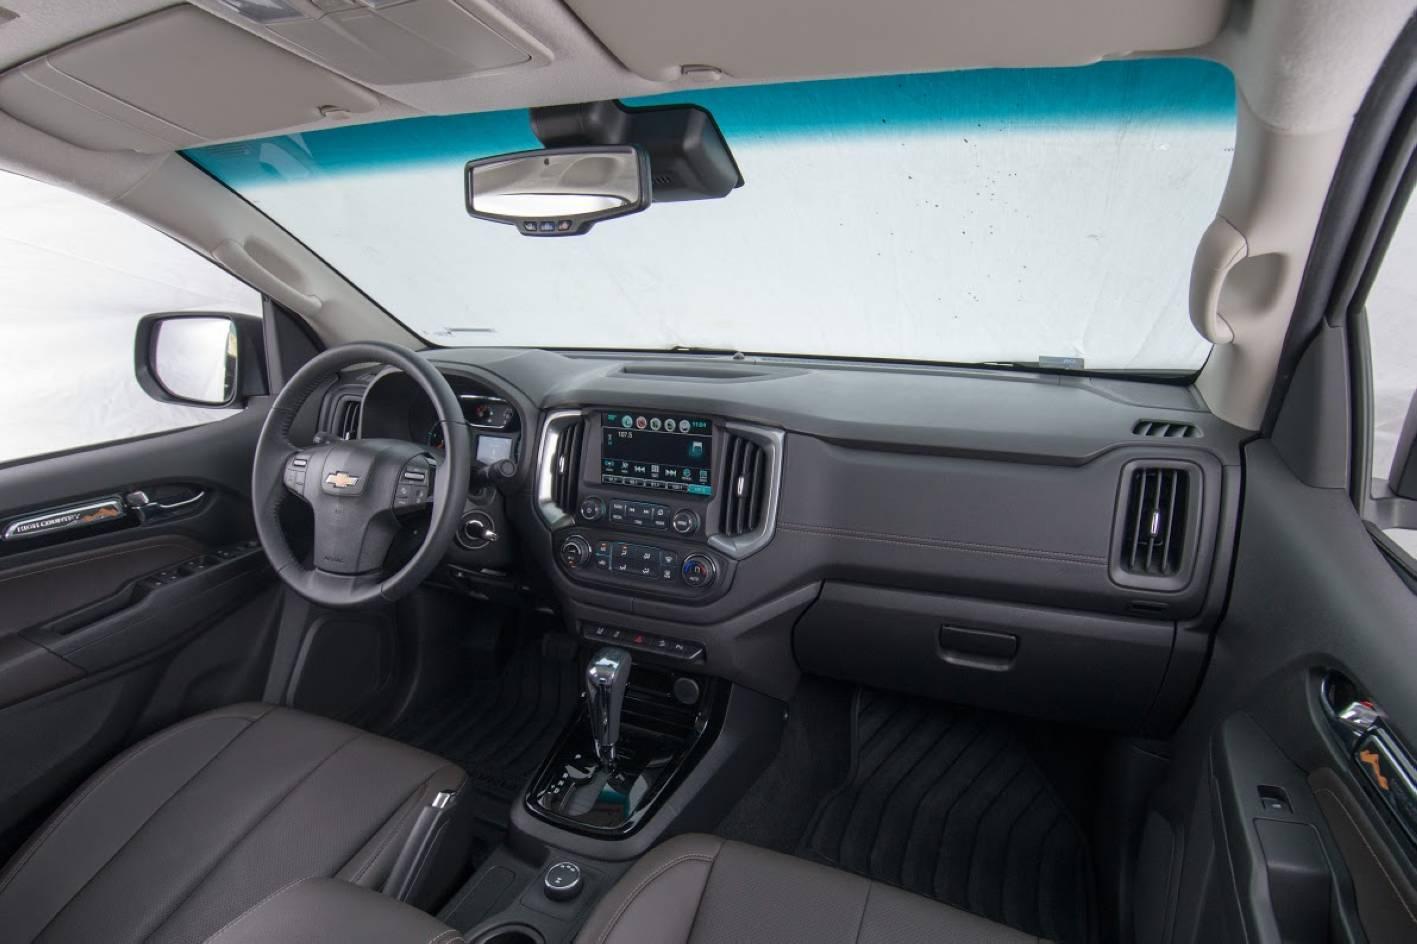 Holden confirms new-look 2017 Colorado, Chevrolet version ...